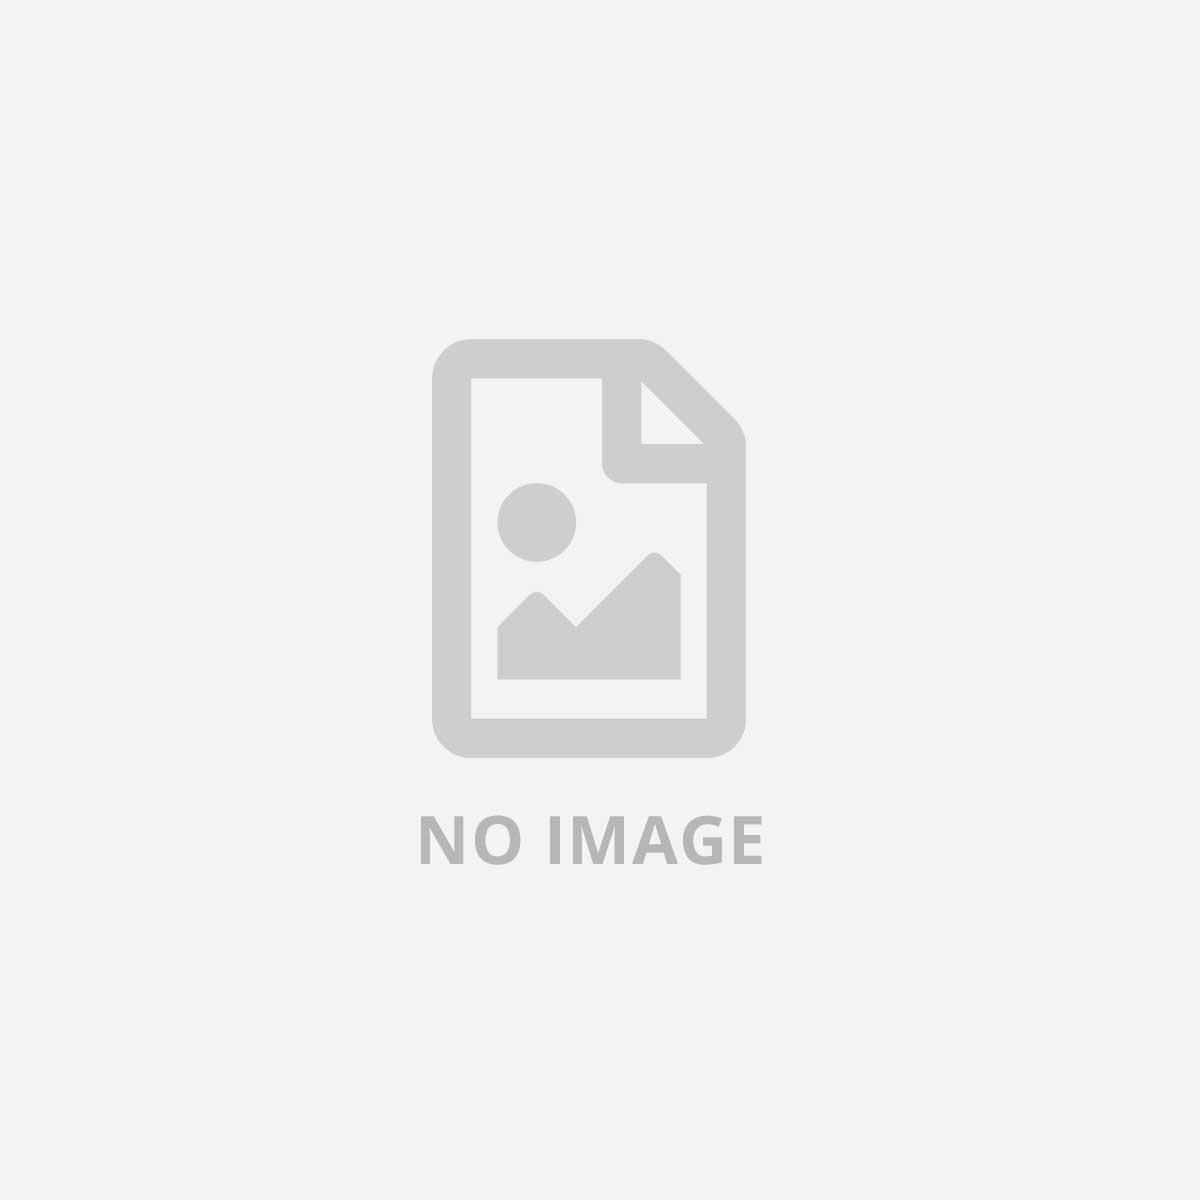 VARIOS PC FUJITSU ESPRIMO E710 SFF